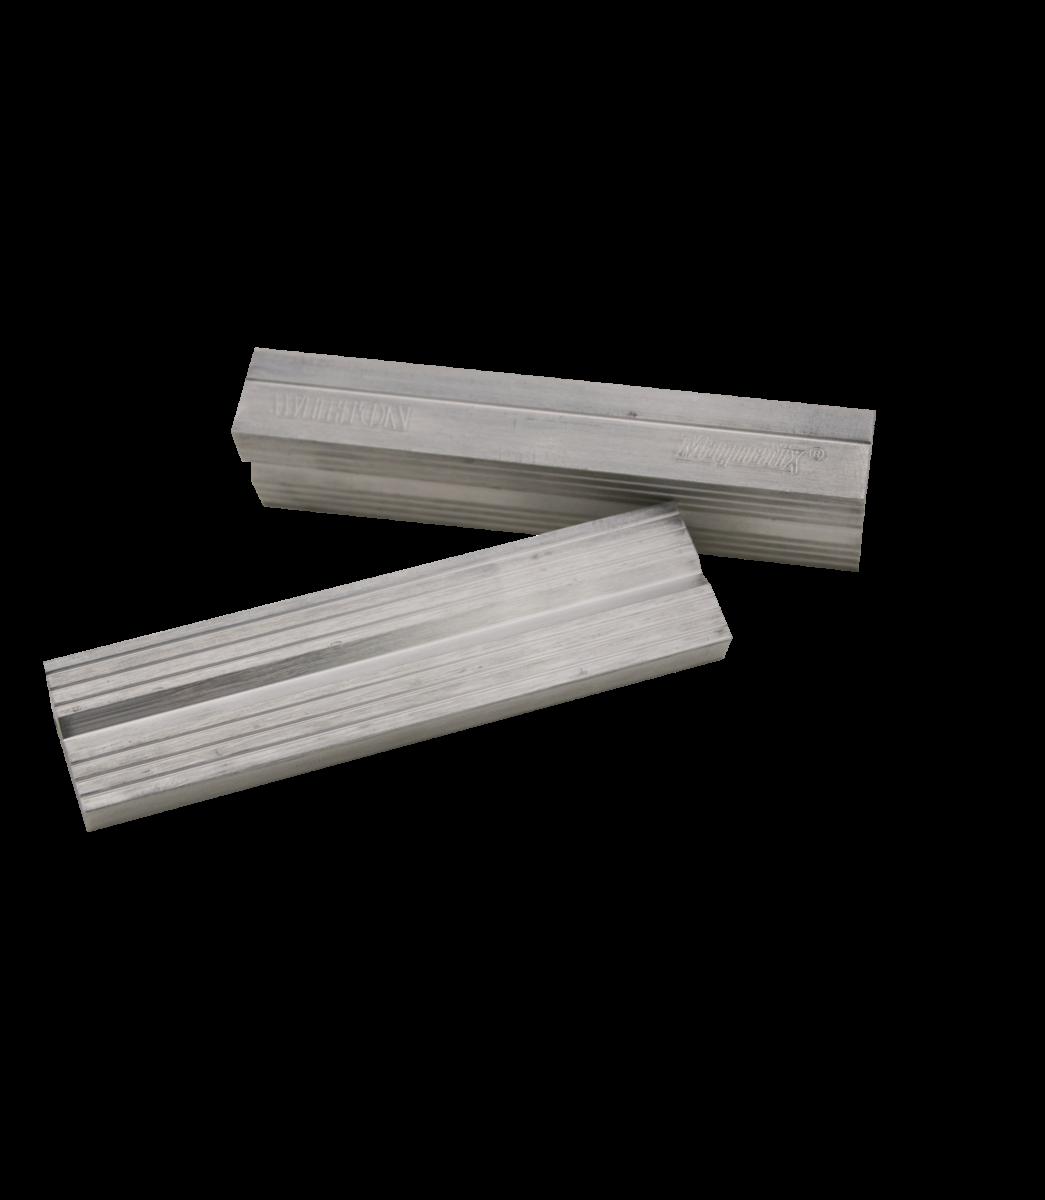 A-5.5, Aluminum Jaw Cap, 5-1/2